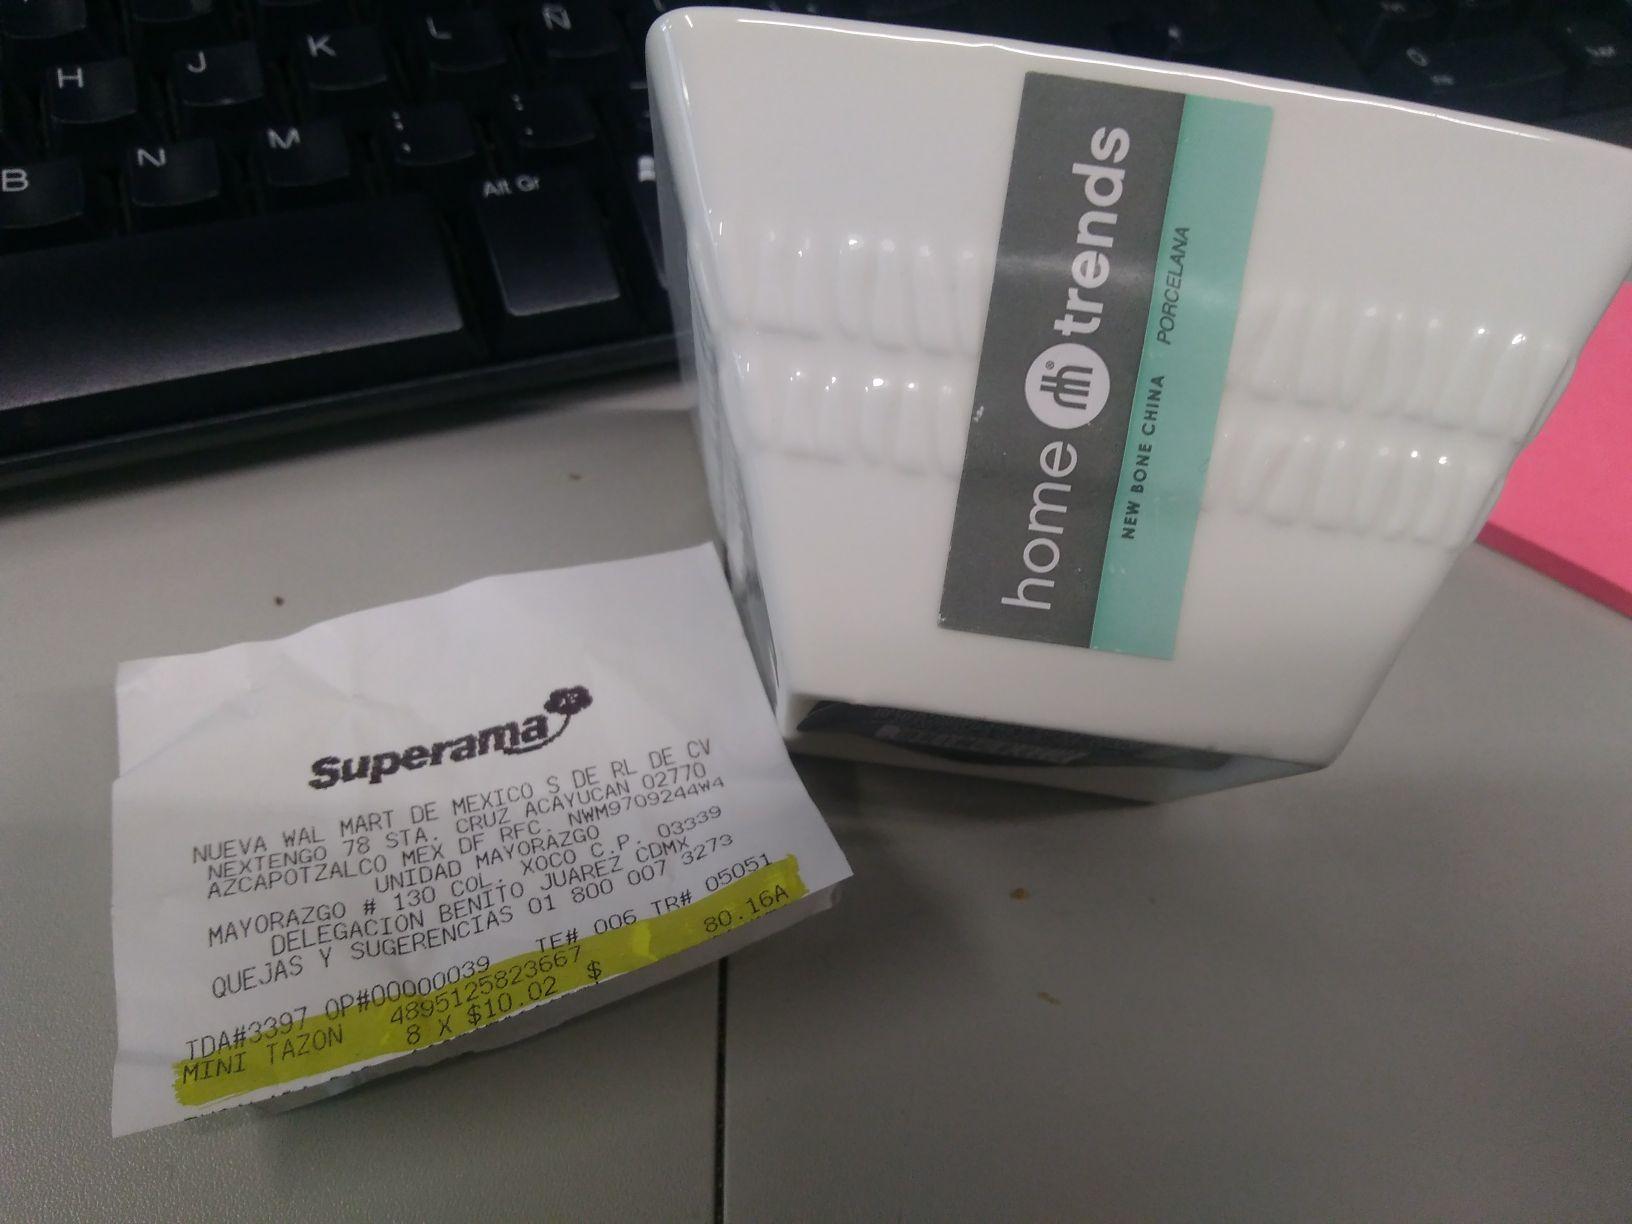 Superama: Mini tazón